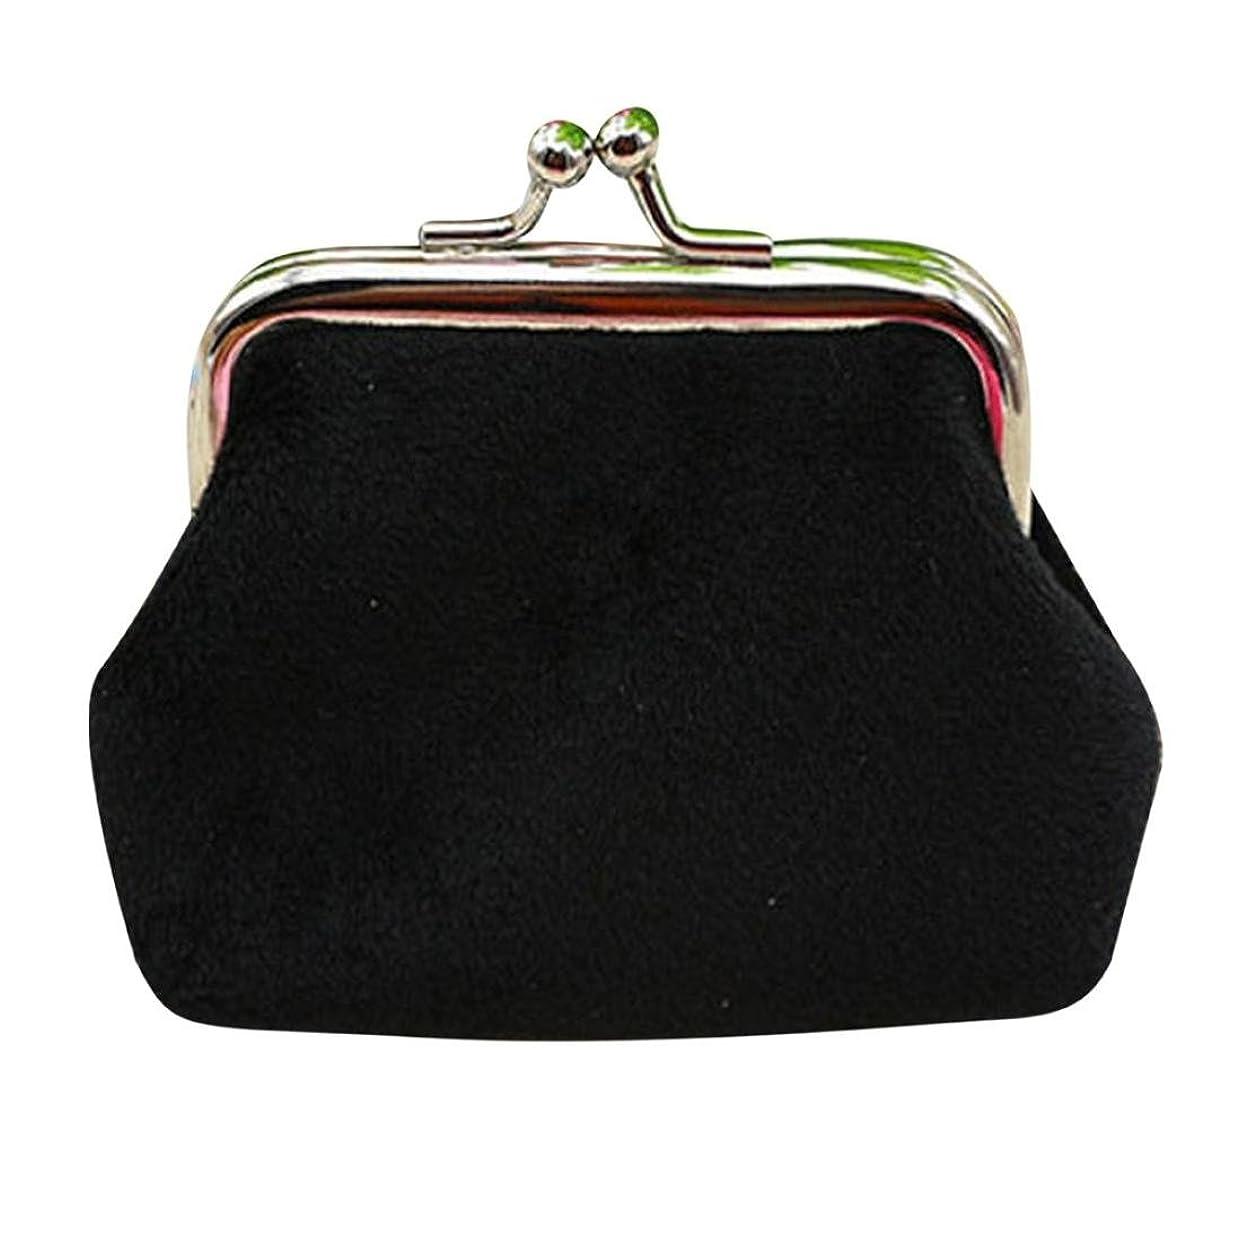 防衛卒業先見の明gbsell新しいレディースコーデュロイ小さな財布ホルダーコイン財布クラッチハンドバッグバッグ